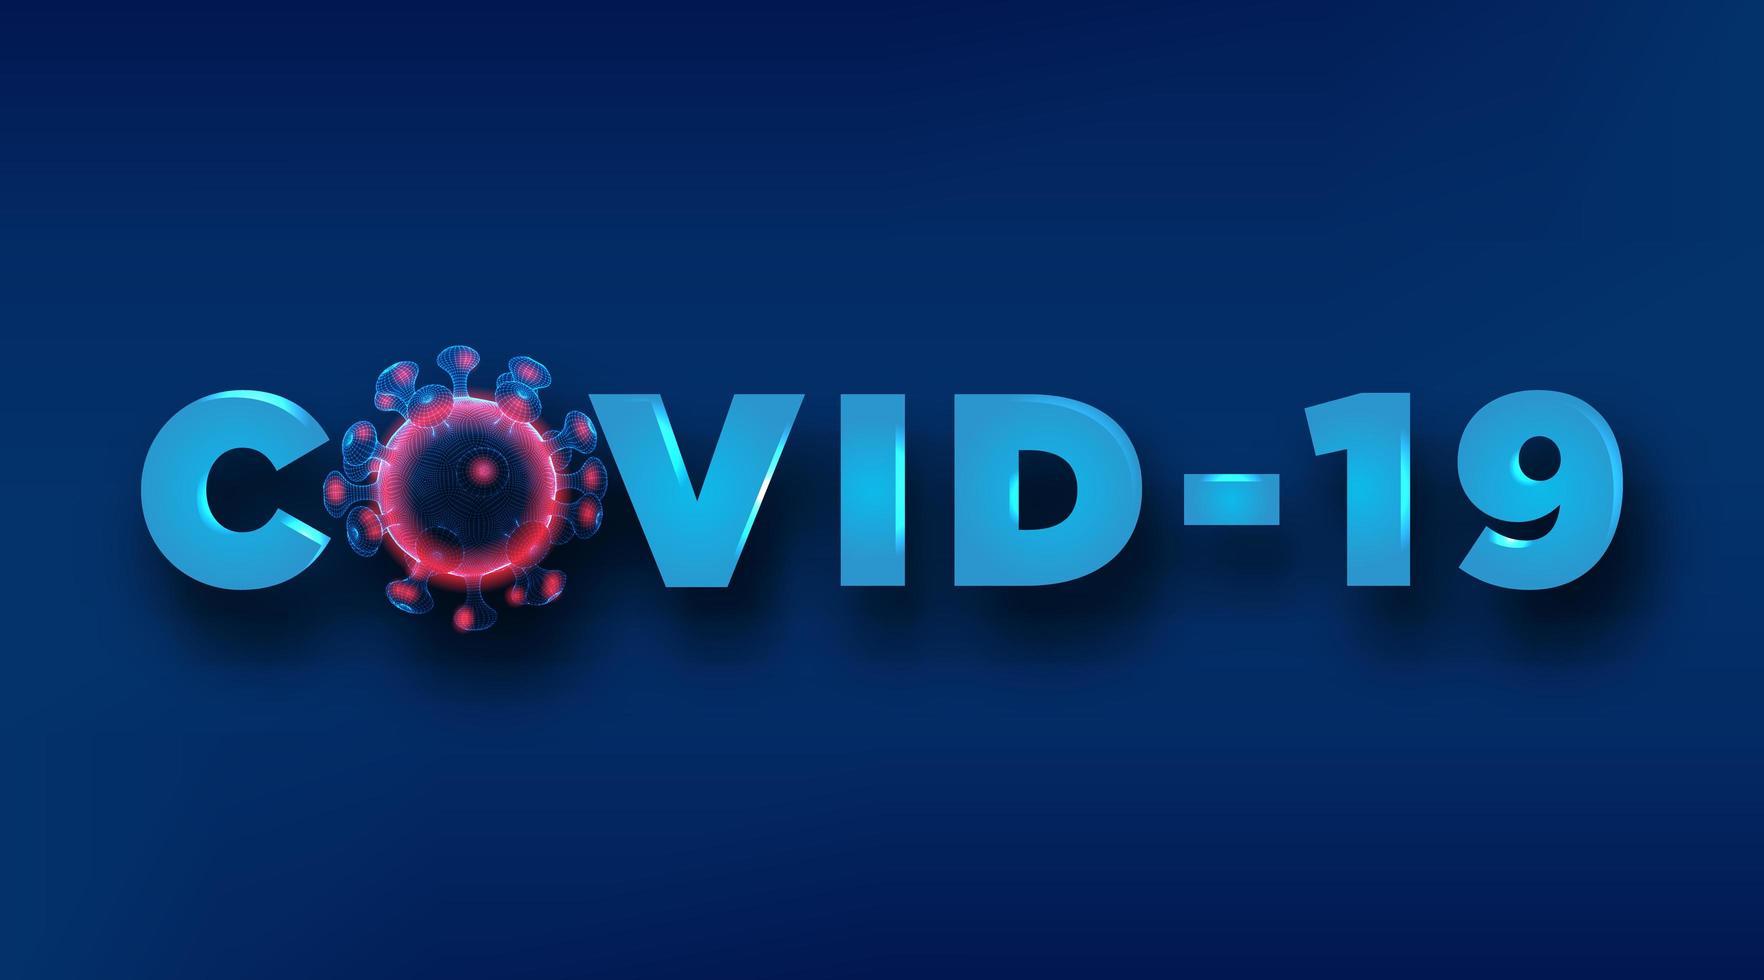 testo covid-19 con cella virus wireframe vettore